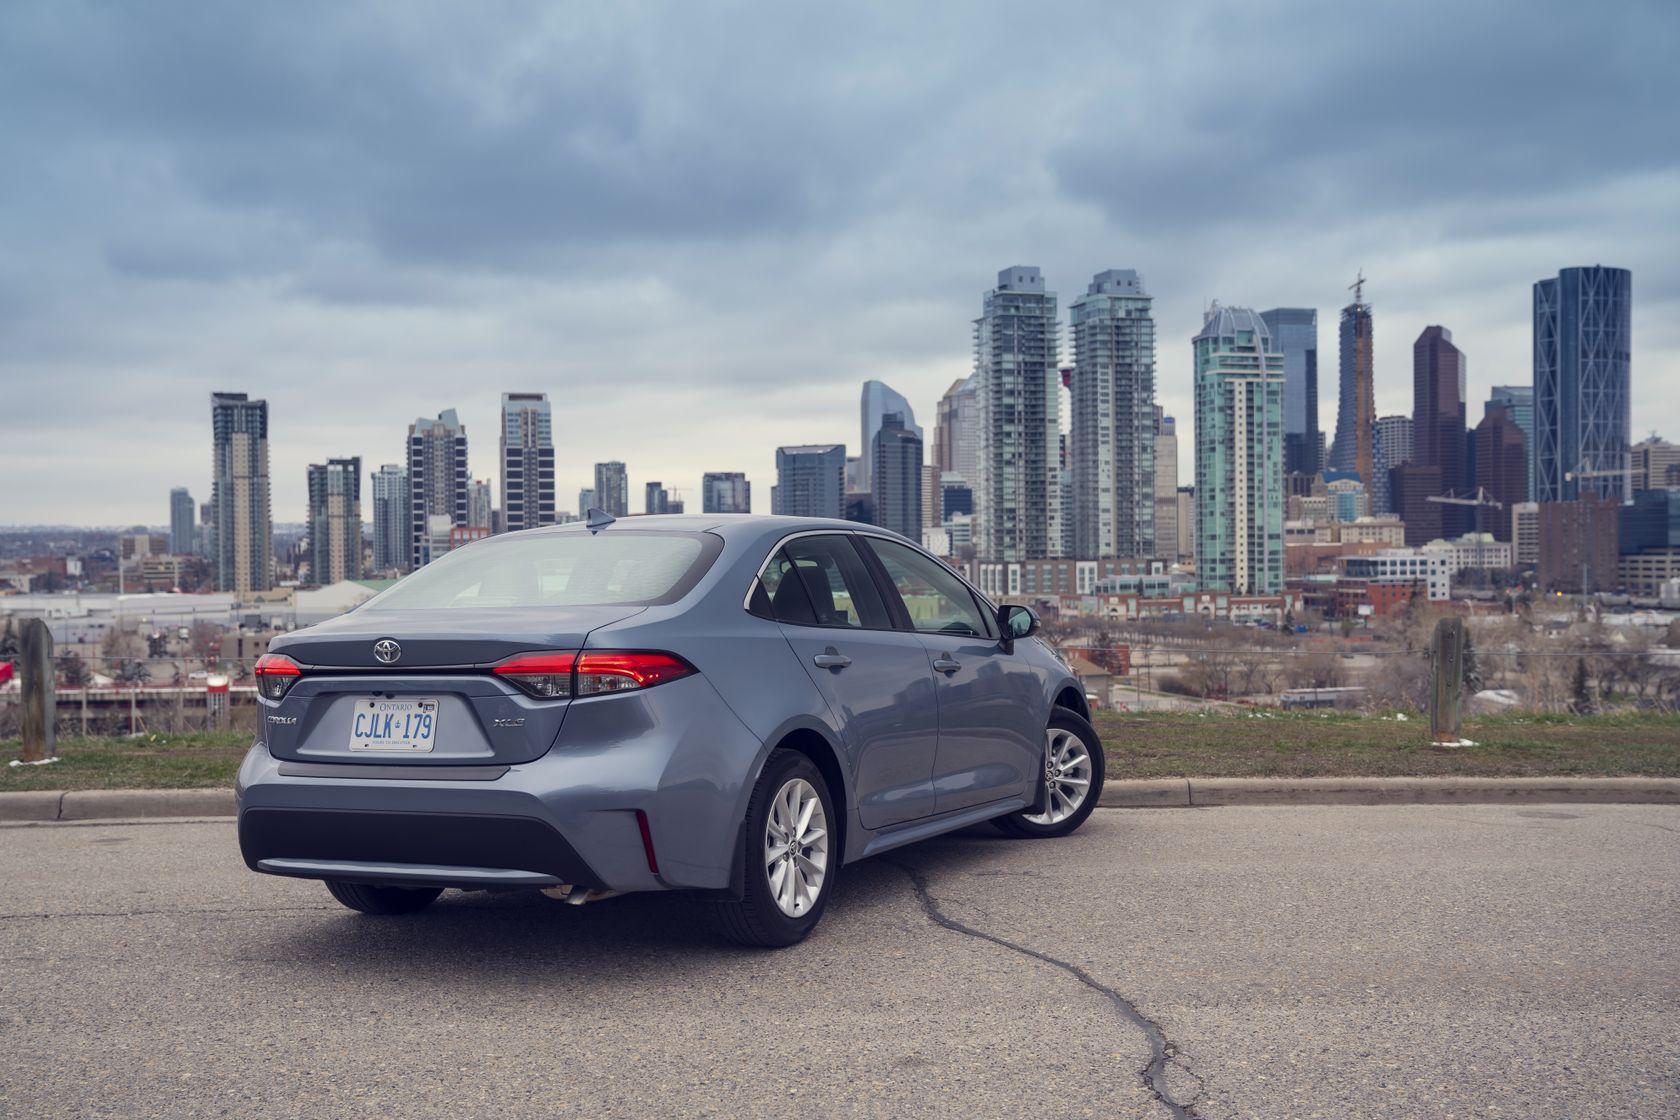 Arrière du Toyota Corolla 2020 gris